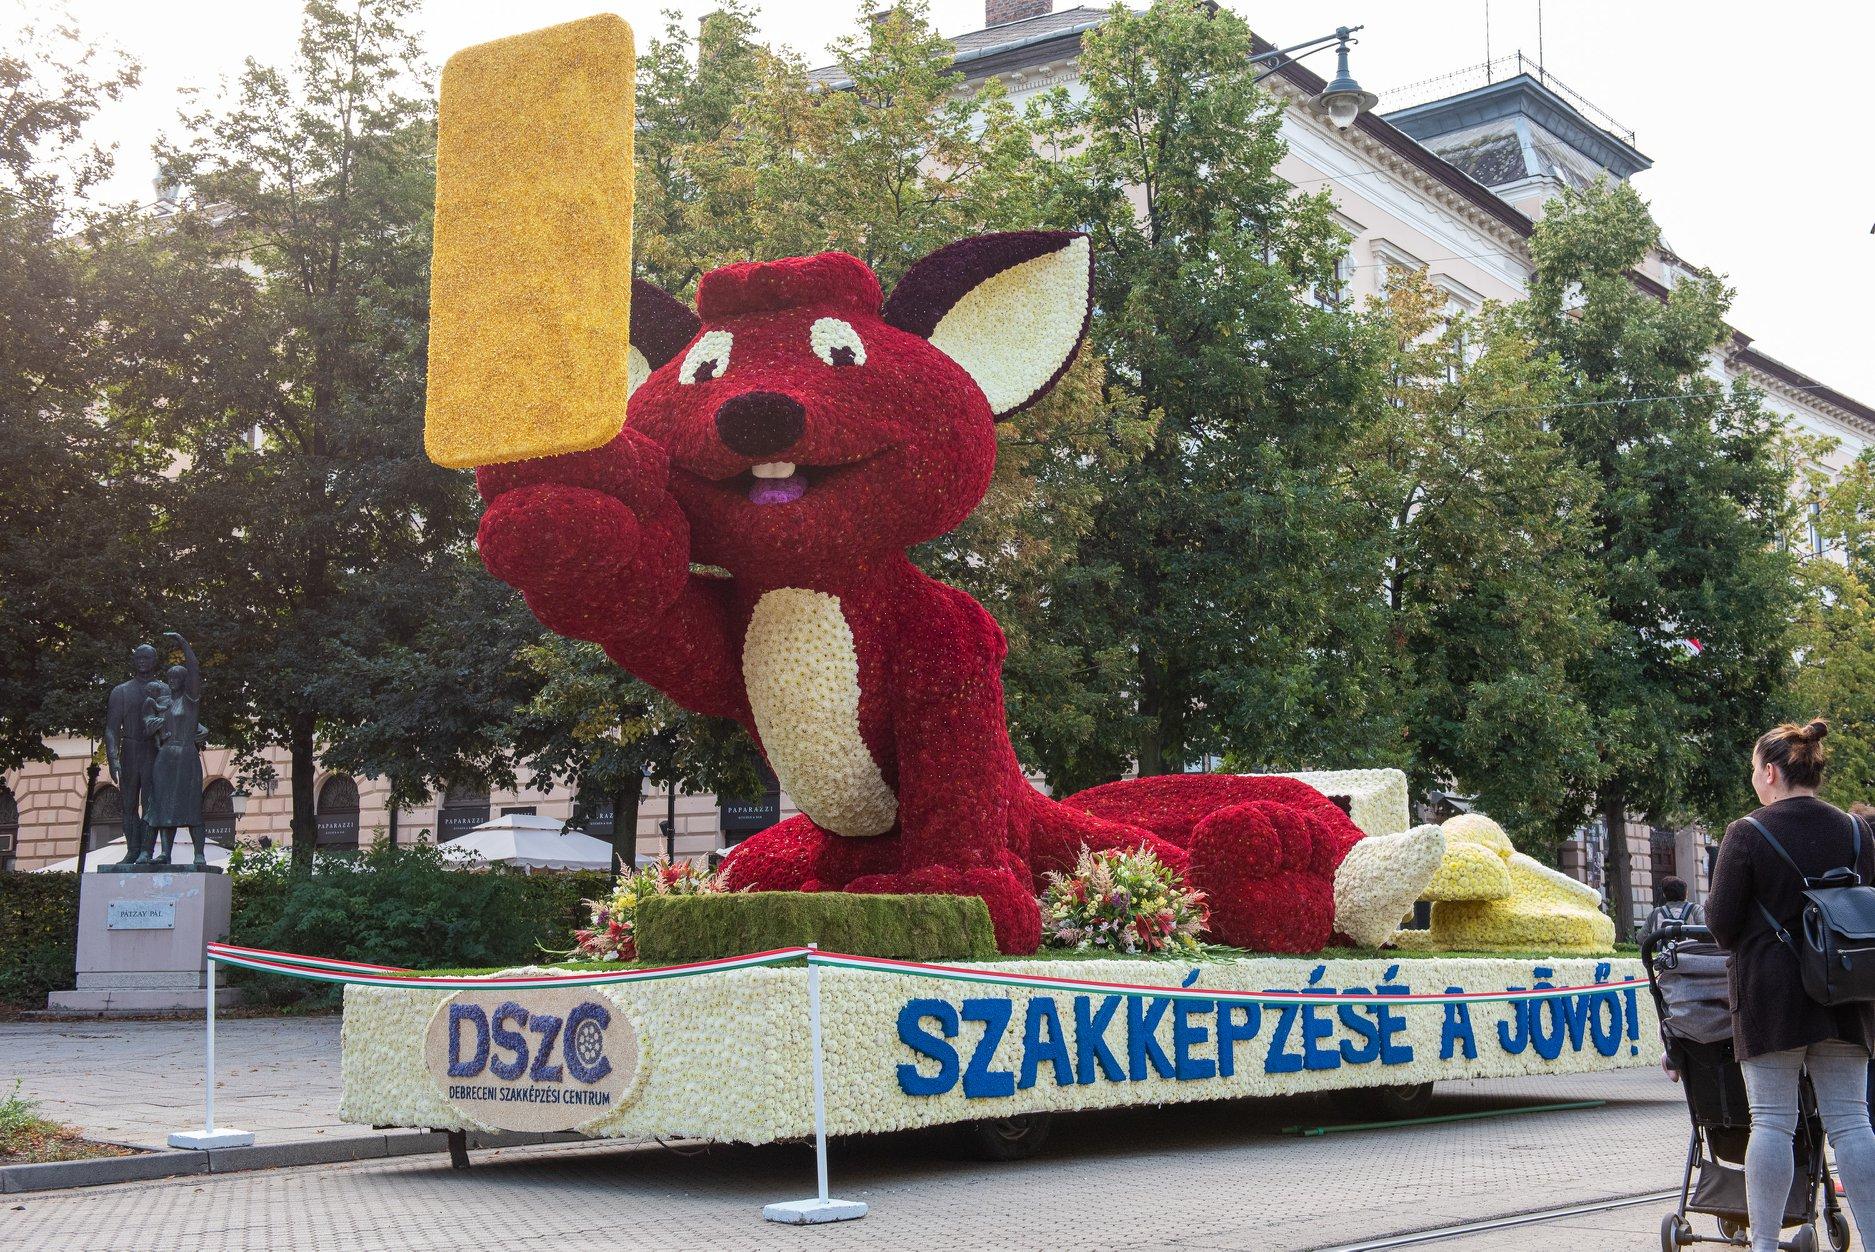 """""""Szakképzésé a jövő!"""" - hirdette Debrecenben az óriási, szelfiző virág-Vuk, számítógépes eszközökkel a farka körül"""